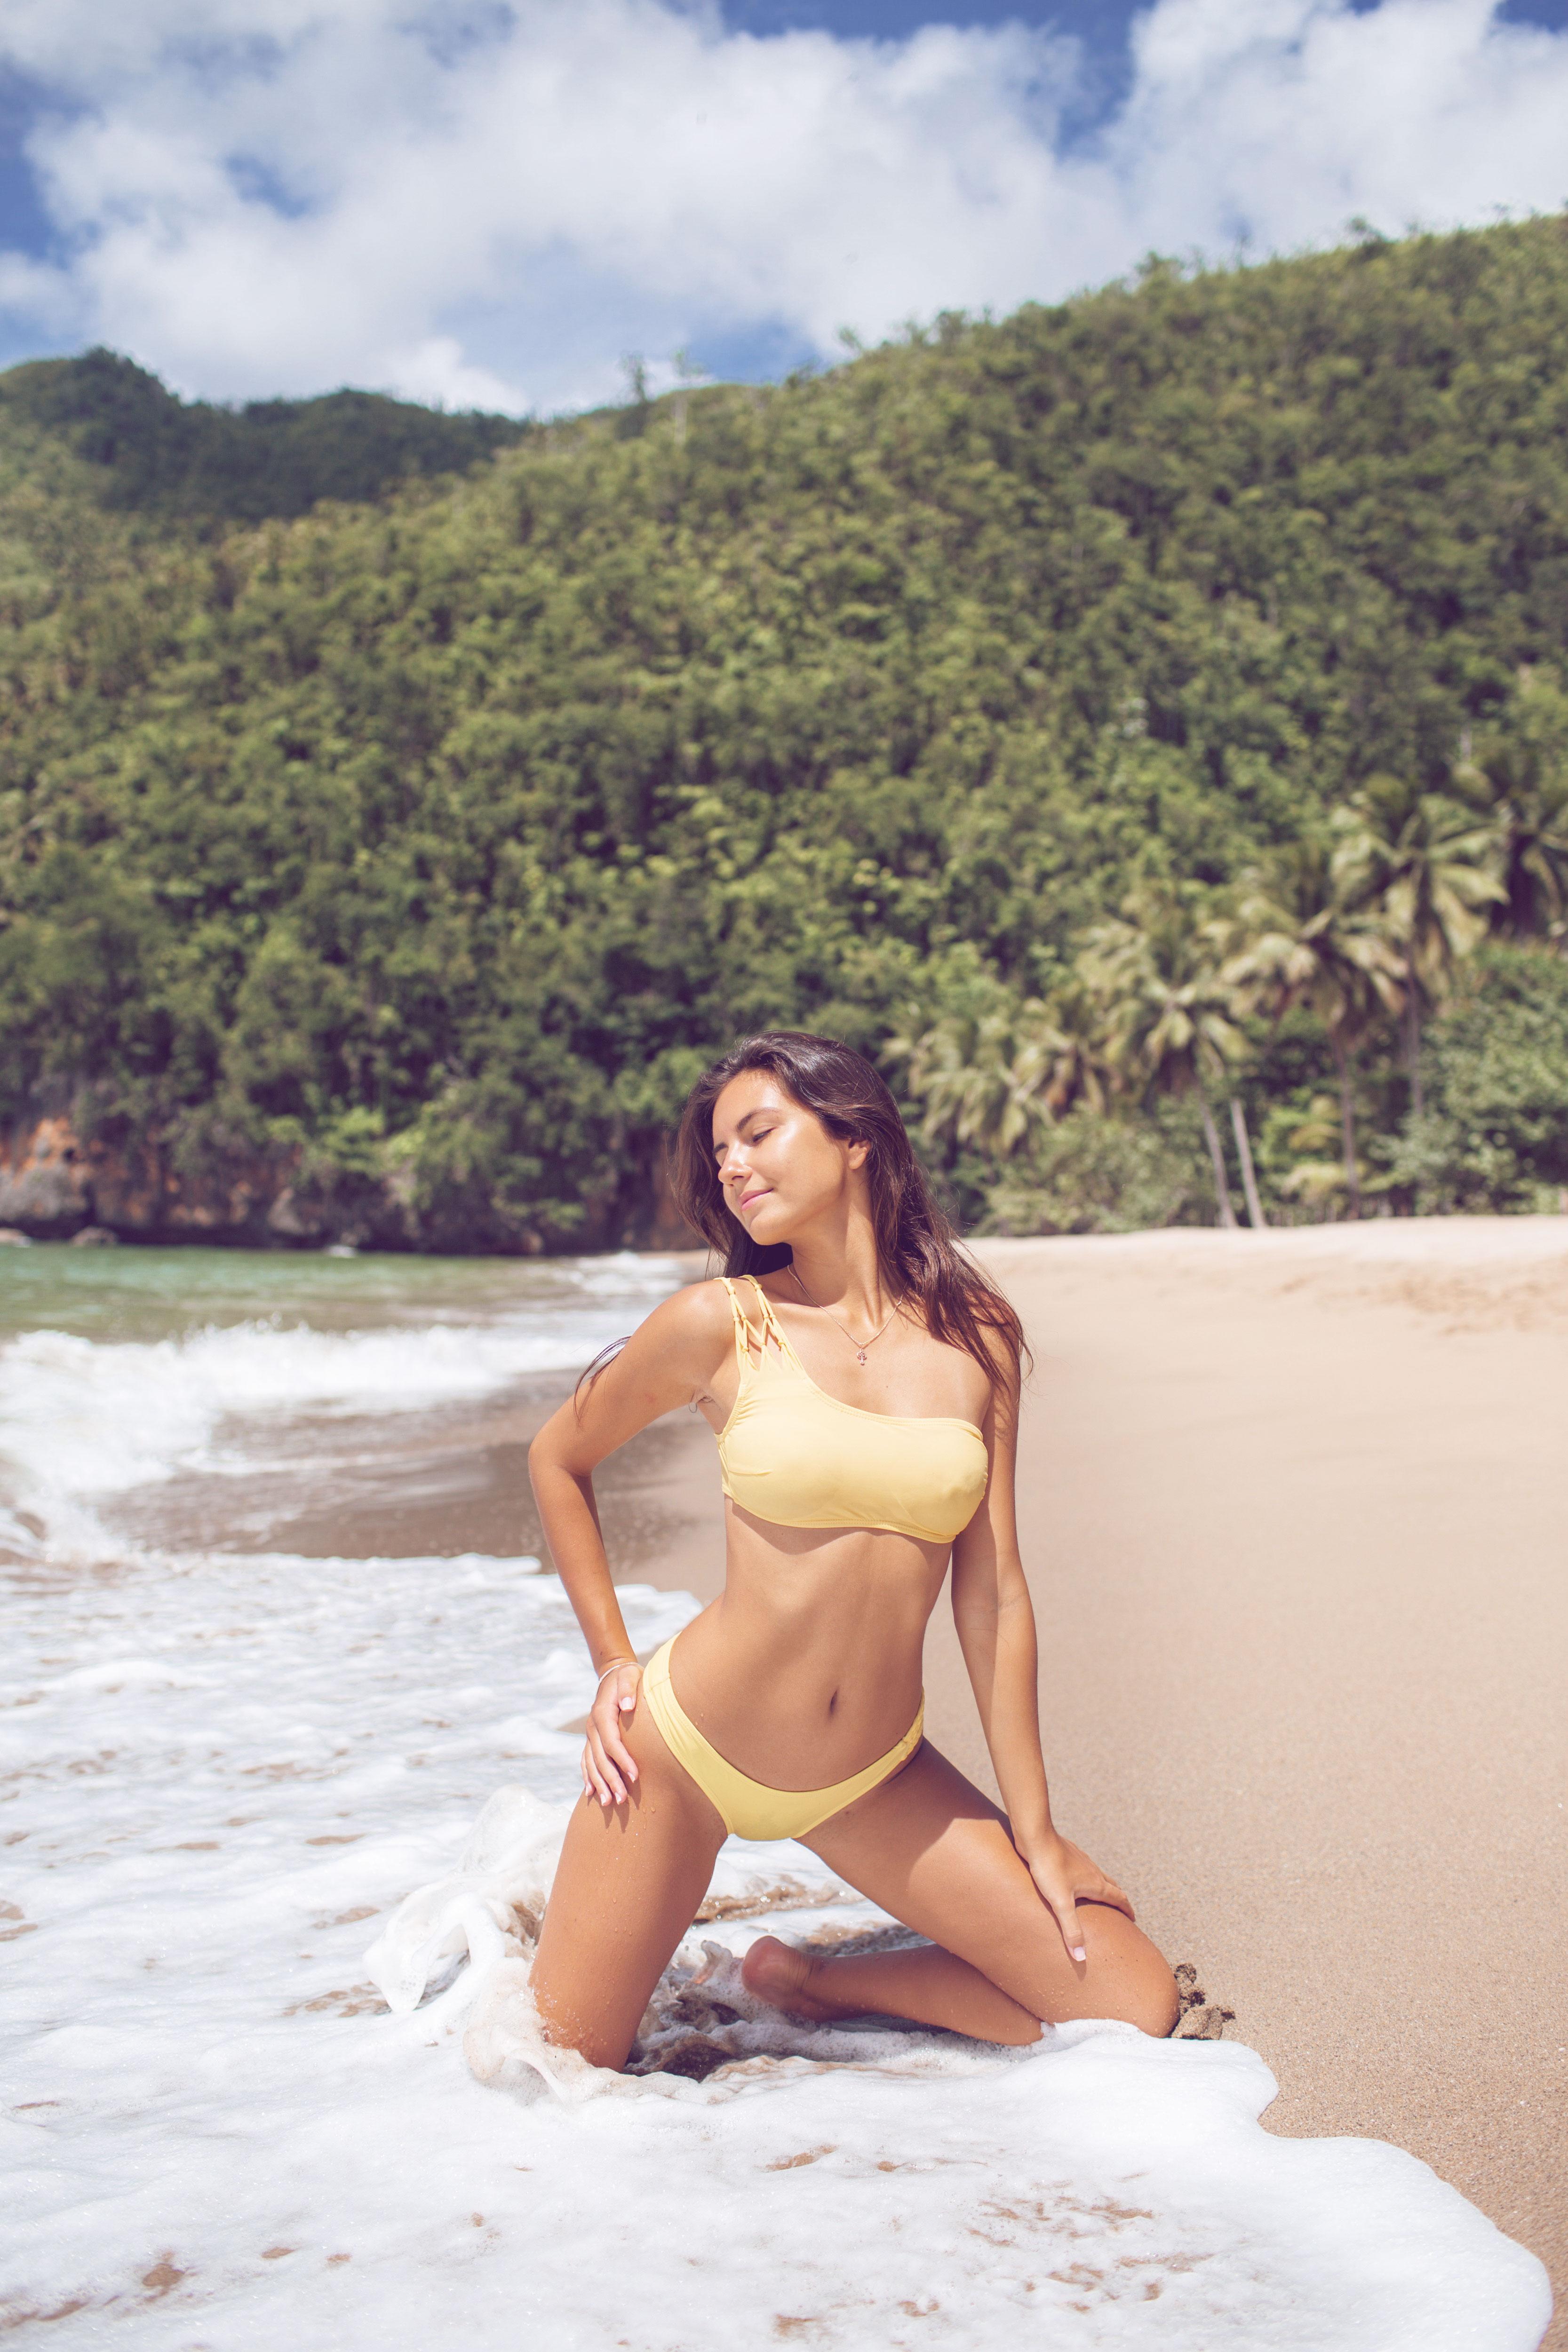 Das 2019 Trends Die Sind 11 Schönsten Bikini kwZuTPiOlX